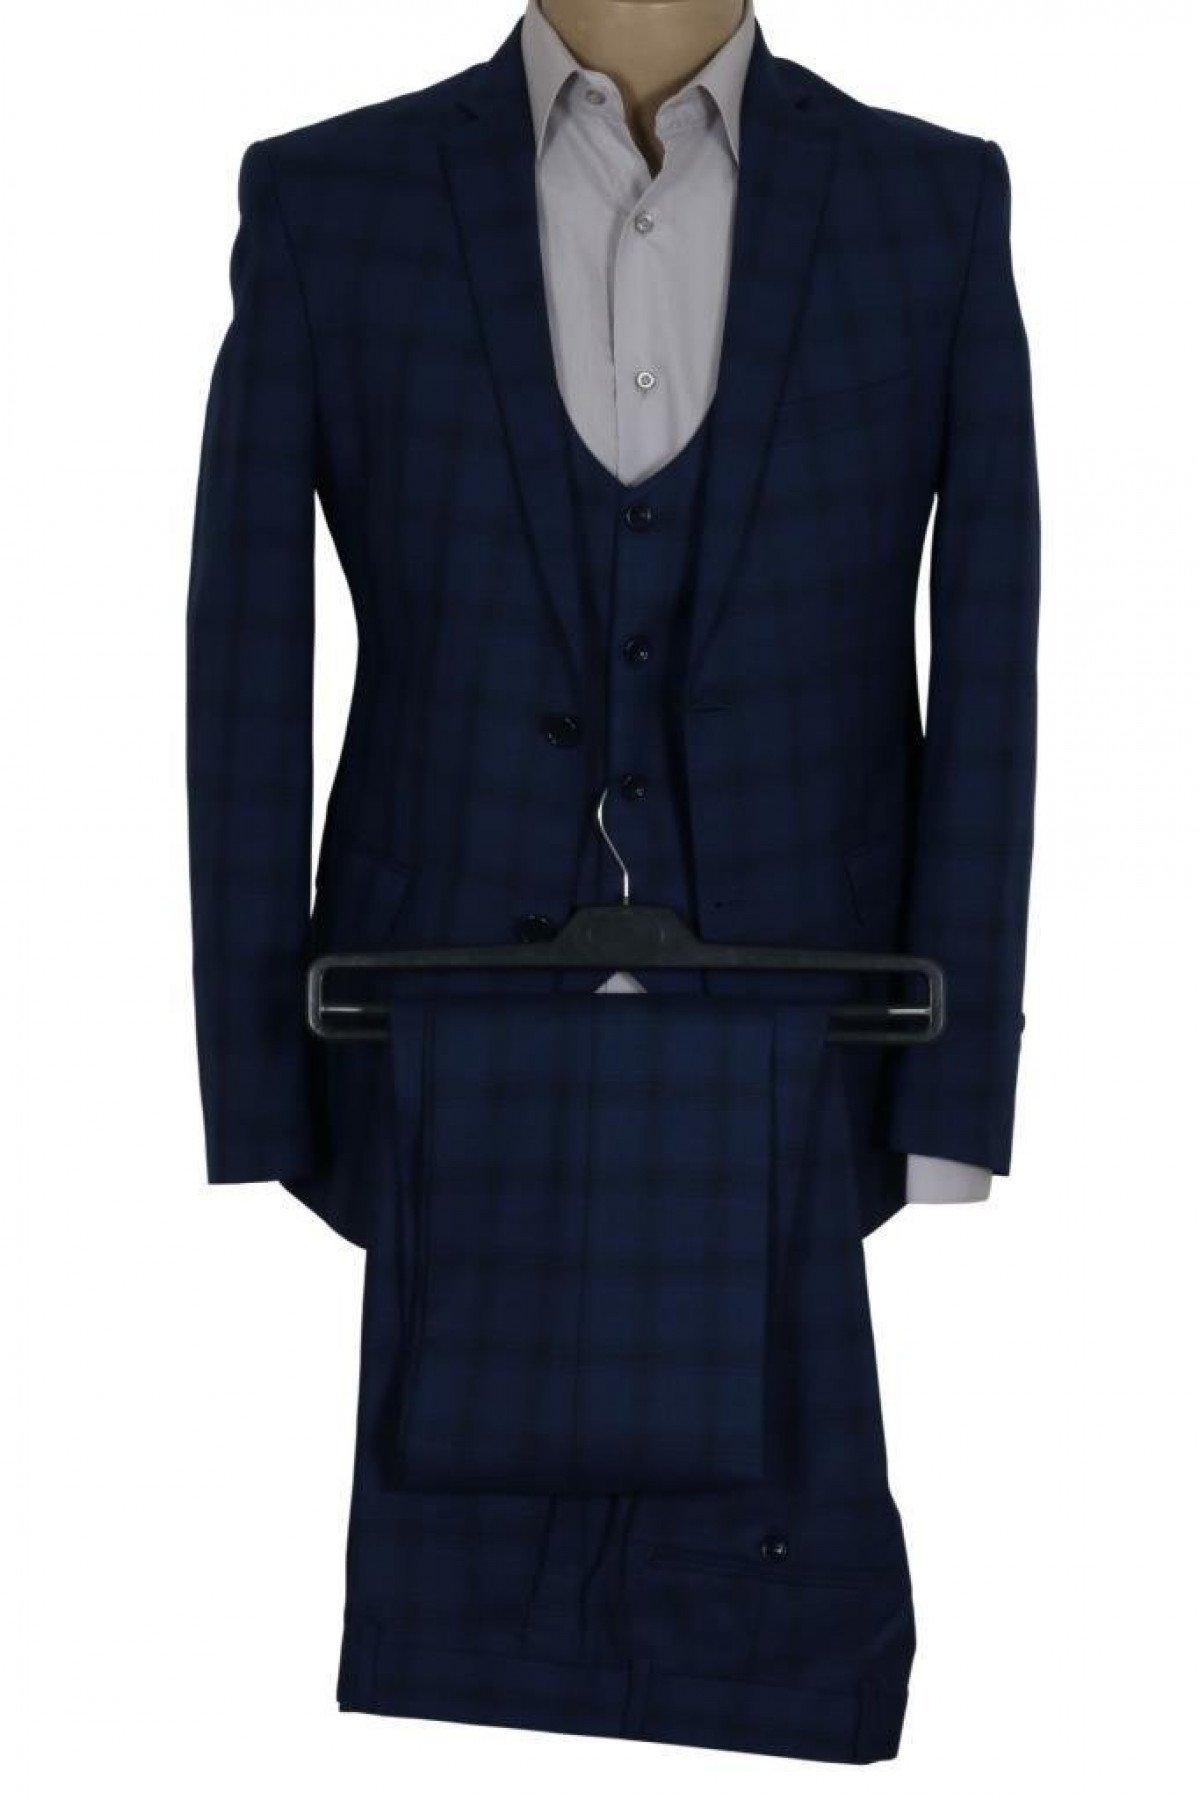 Erkek Takım Elbise Yelekli Dar Kesim RAR00688